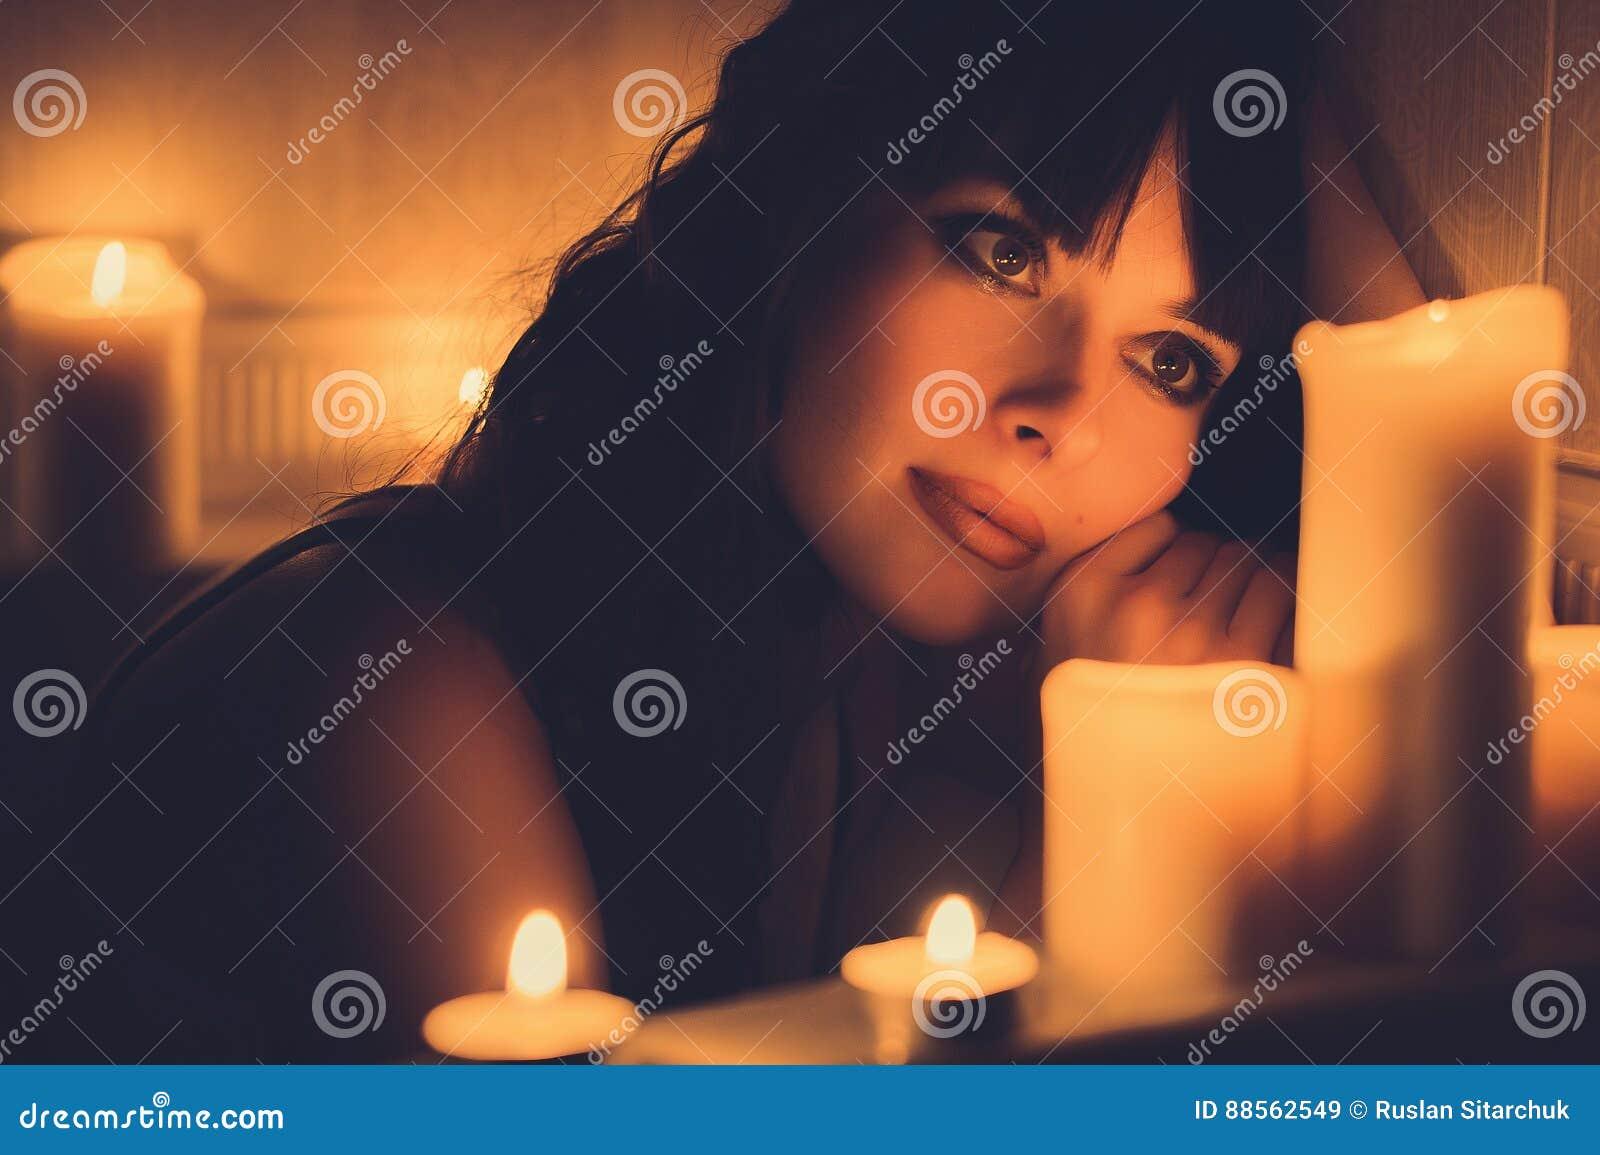 Vasca Da Bagno Romantica Con Candele : Vasca da bagno moderno con candele accese intorno foto immagine